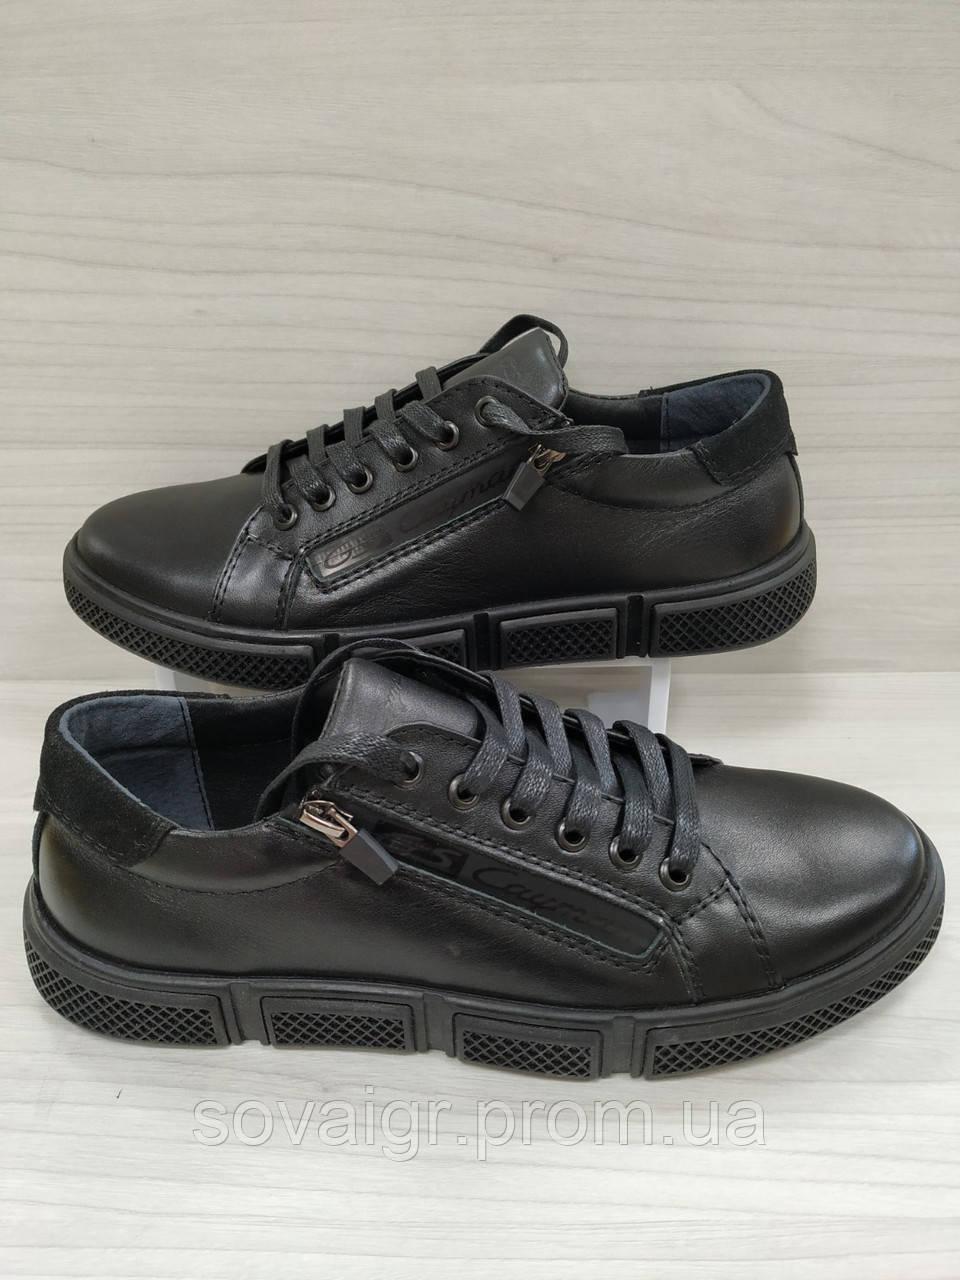 Кроссовки кожаные черные мужские GS!!! Акция!!! -40%!!!